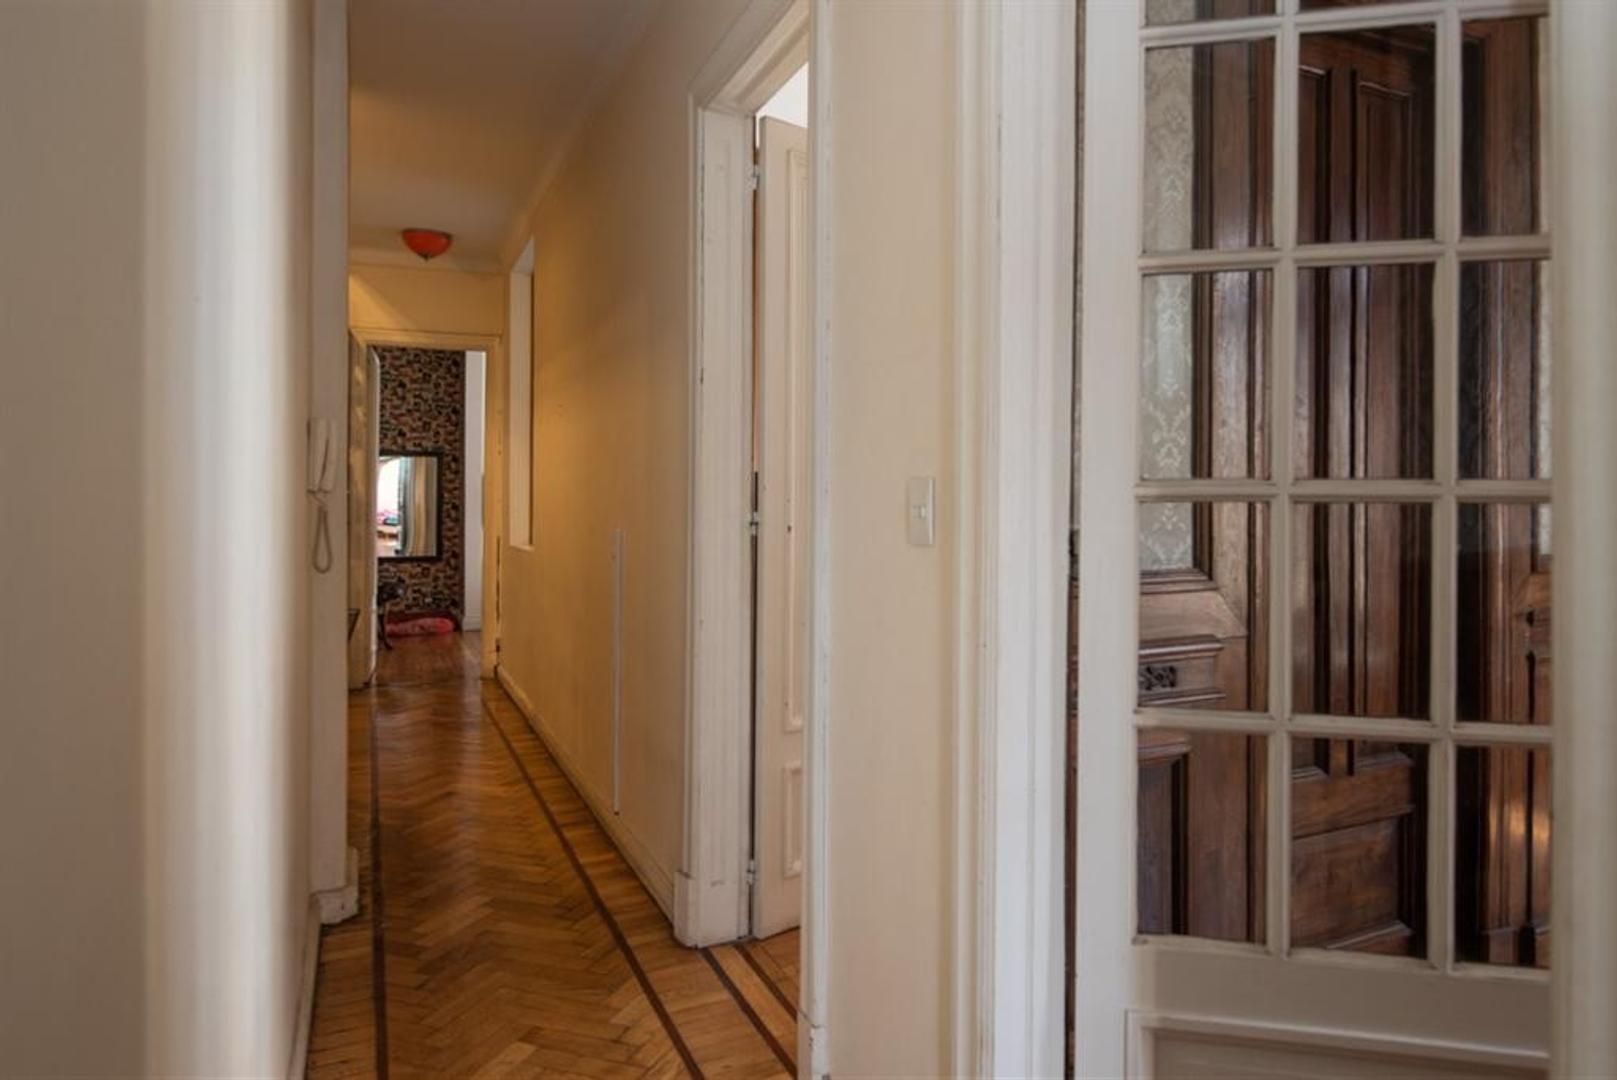 Muy buen departamento antiguo, reciclado, en esquina. Luminoso, excelentes detalles - Foto 15